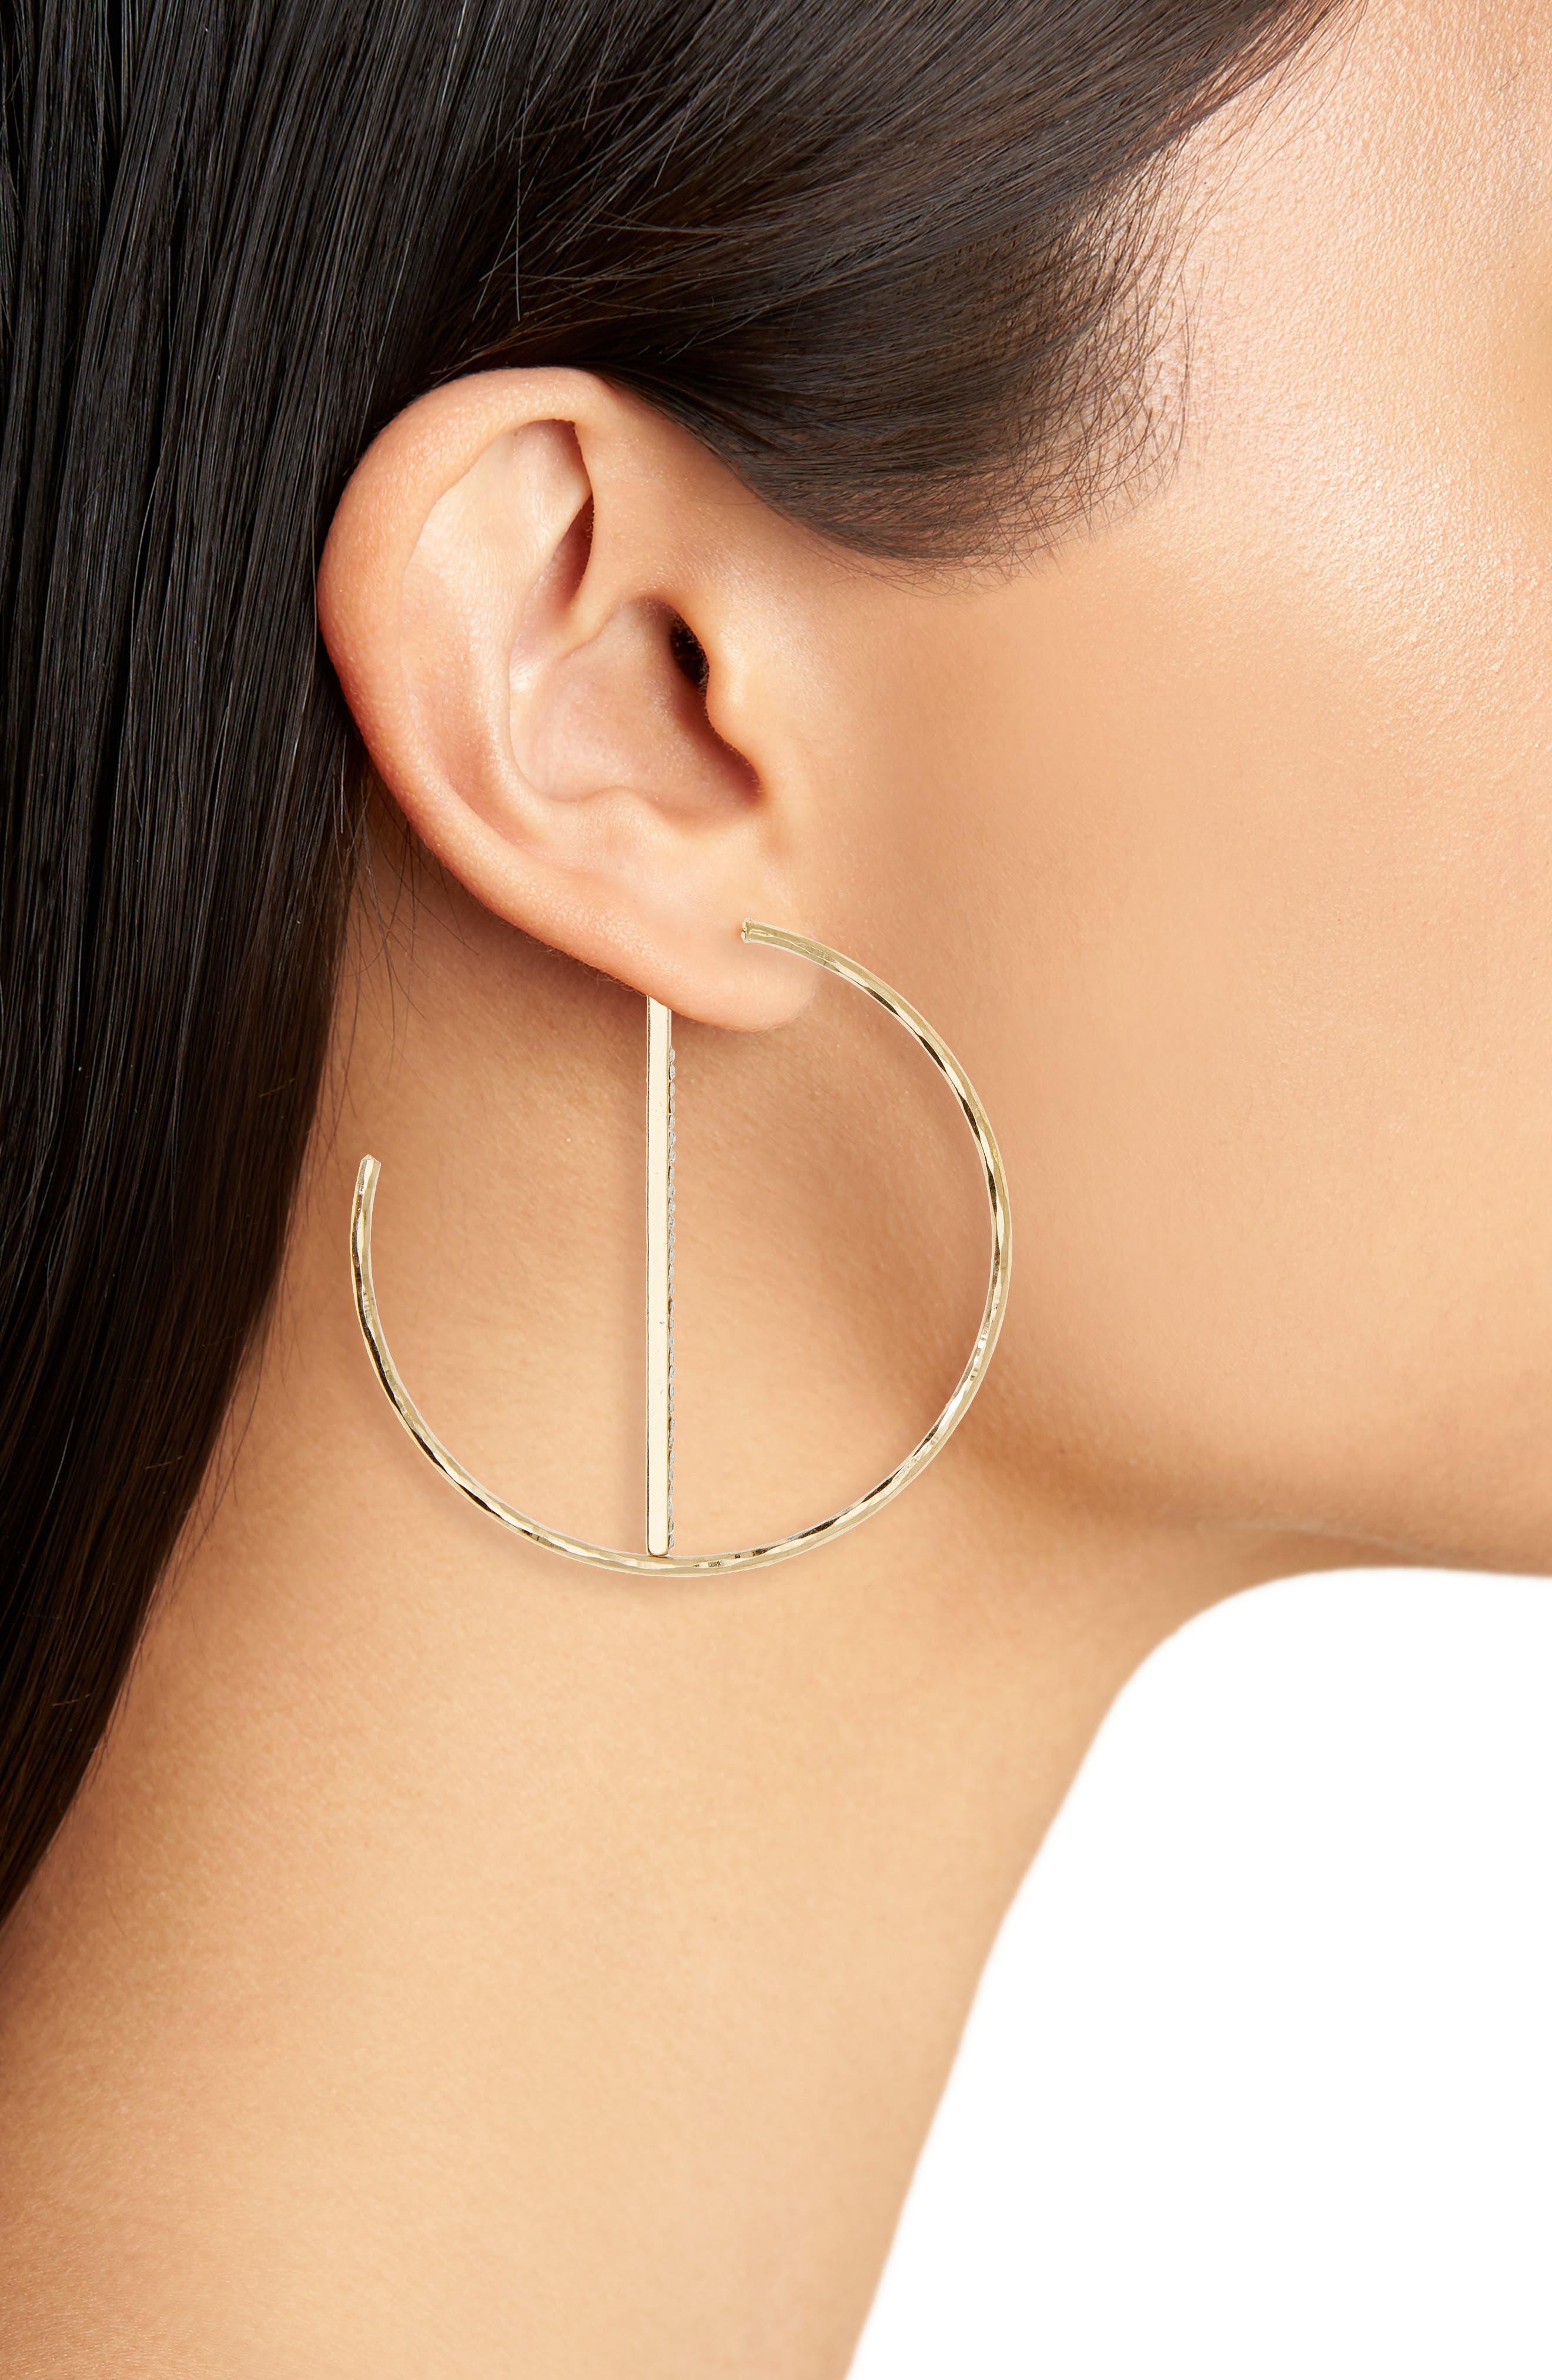 Crystal Half Hoop Earrings,                             Alternate thumbnail 2, color,                             710